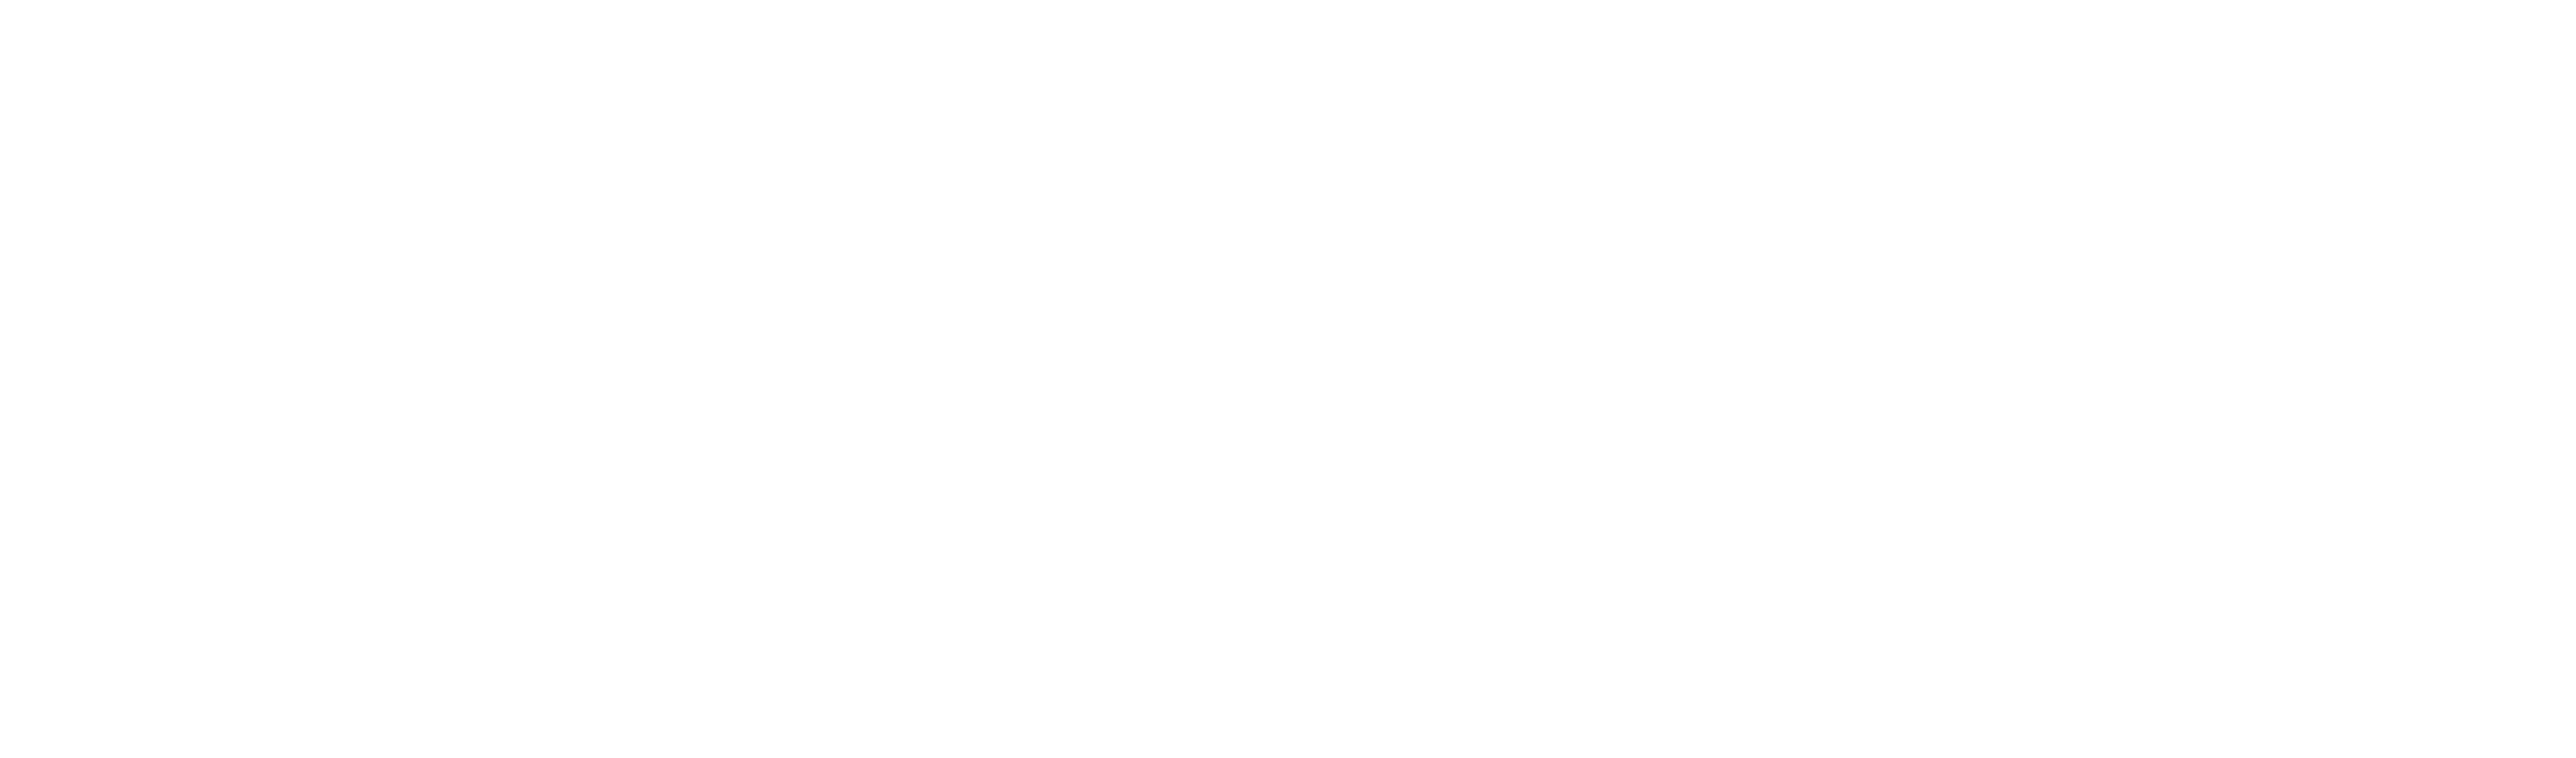 blacoh_fluid_control_logowhite